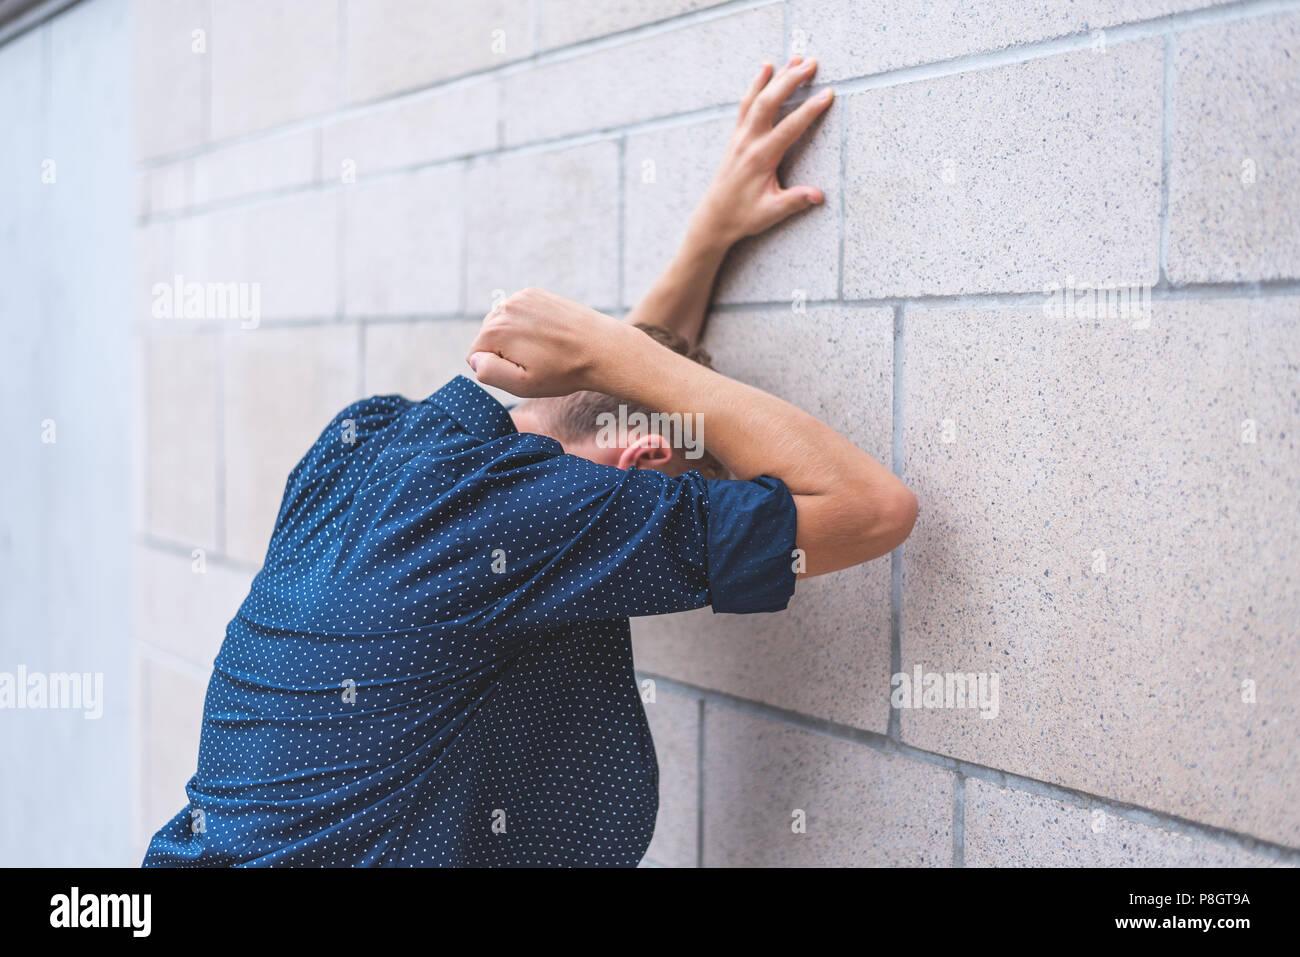 Mur de briques de frappe de l'adolescence dans la frustration. Photo Stock